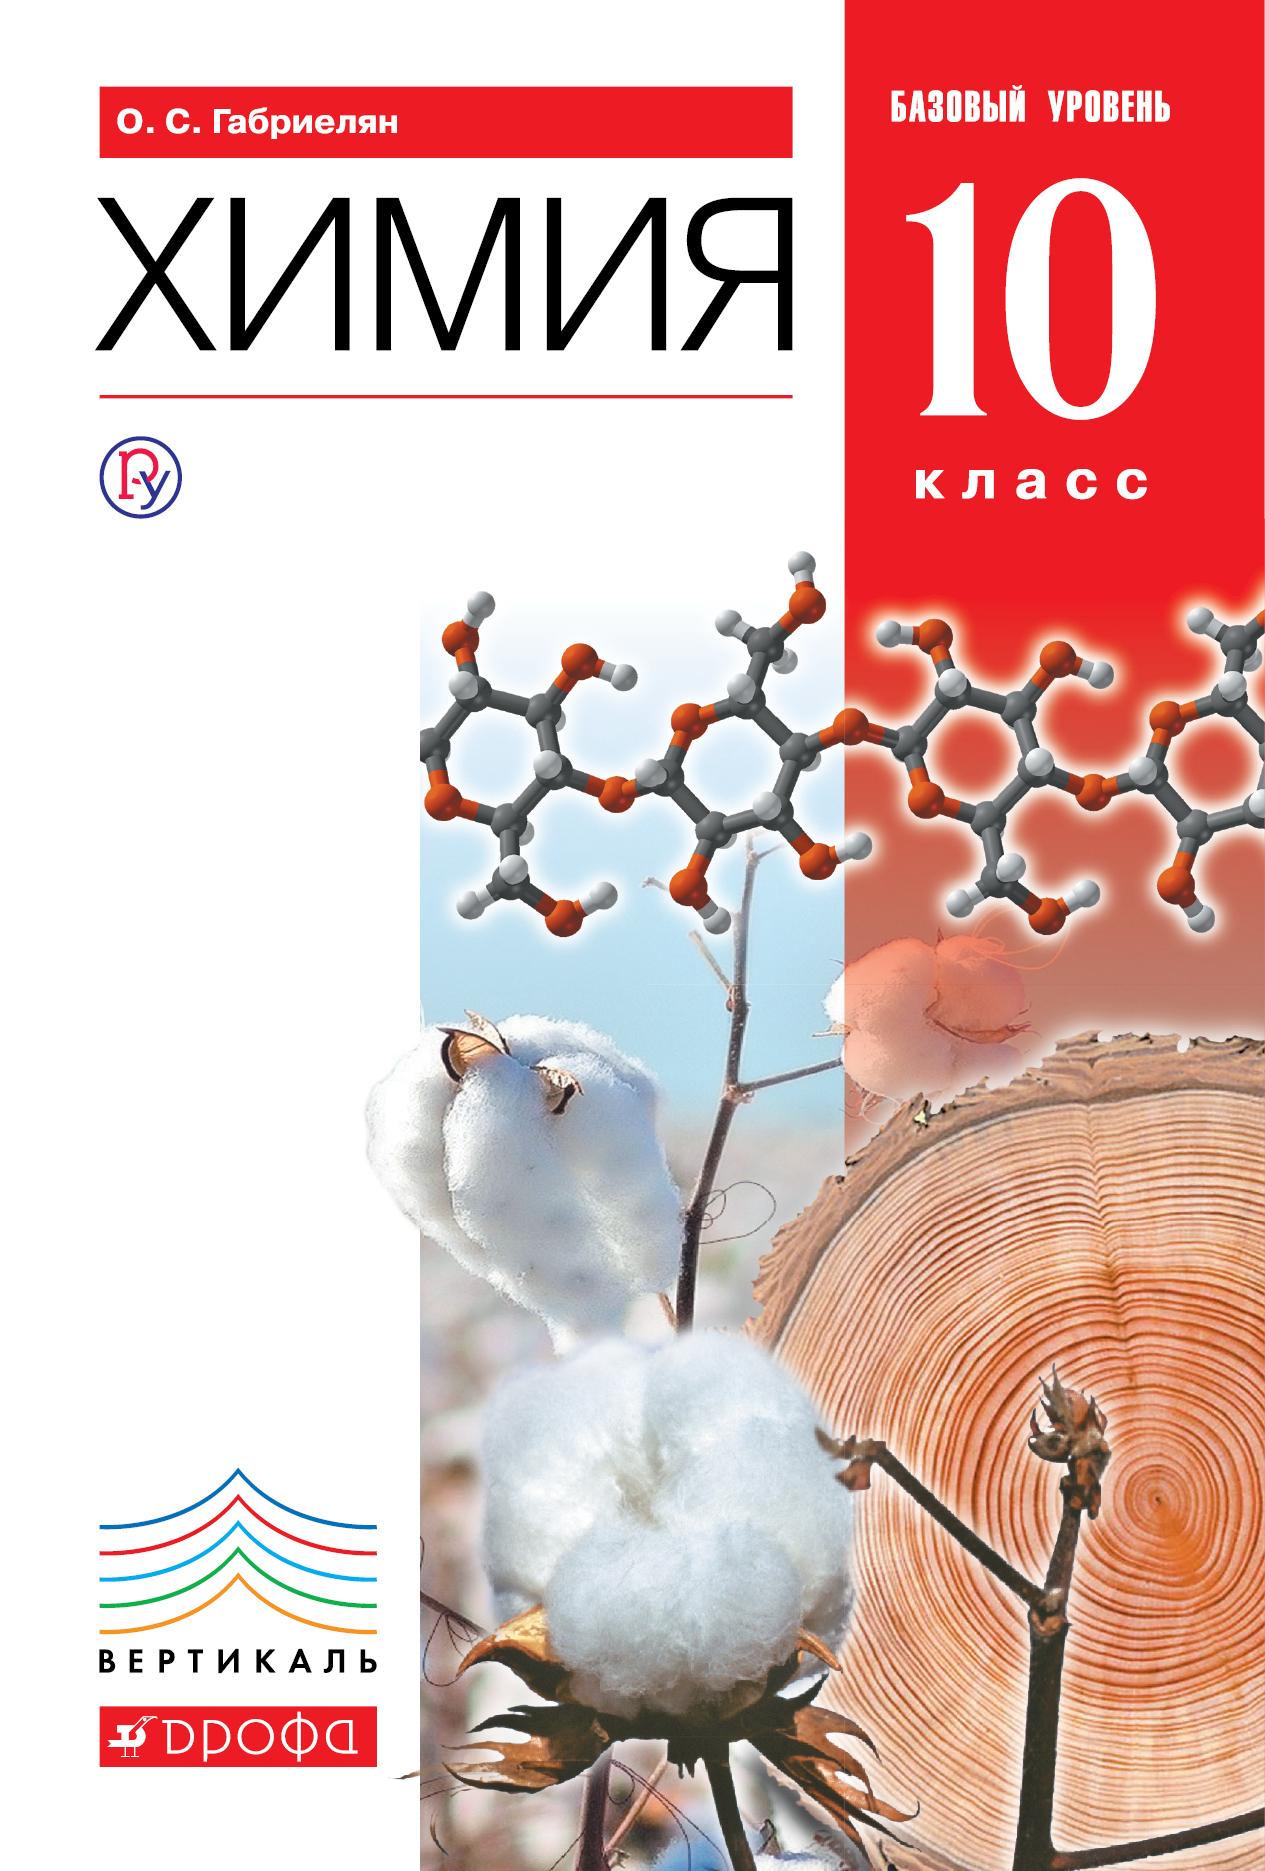 Габриелян О.С. Химия. Базовый уровень. 10 класс. Учебник ISBN: 978-5-358-21274-9 габриелян о с химия 10кл учебник базовый уровень вертикаль